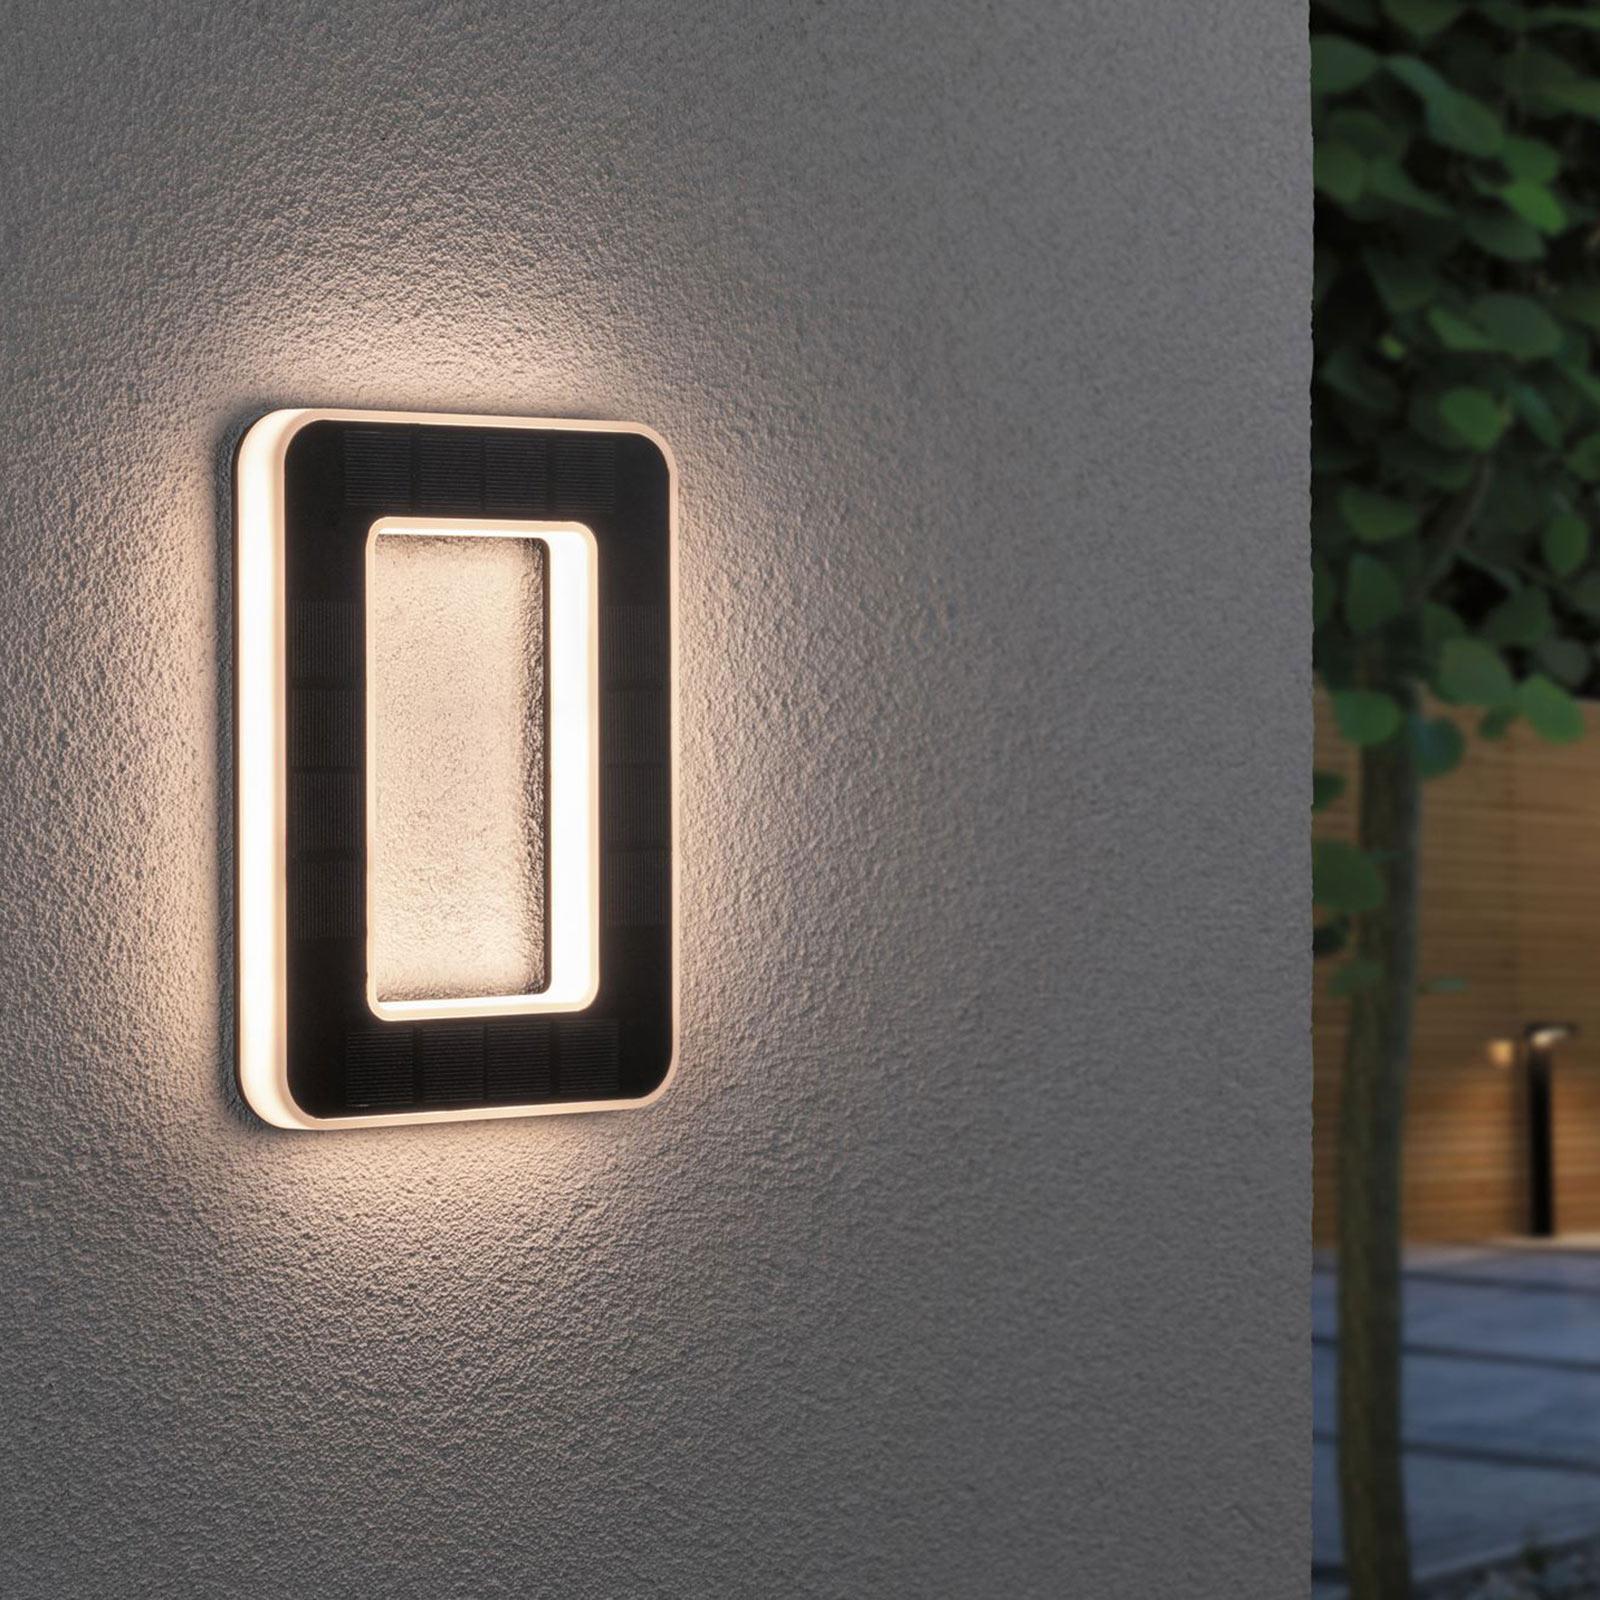 Paulmann lampada LED solare numero civico 0 Offerte e sconti